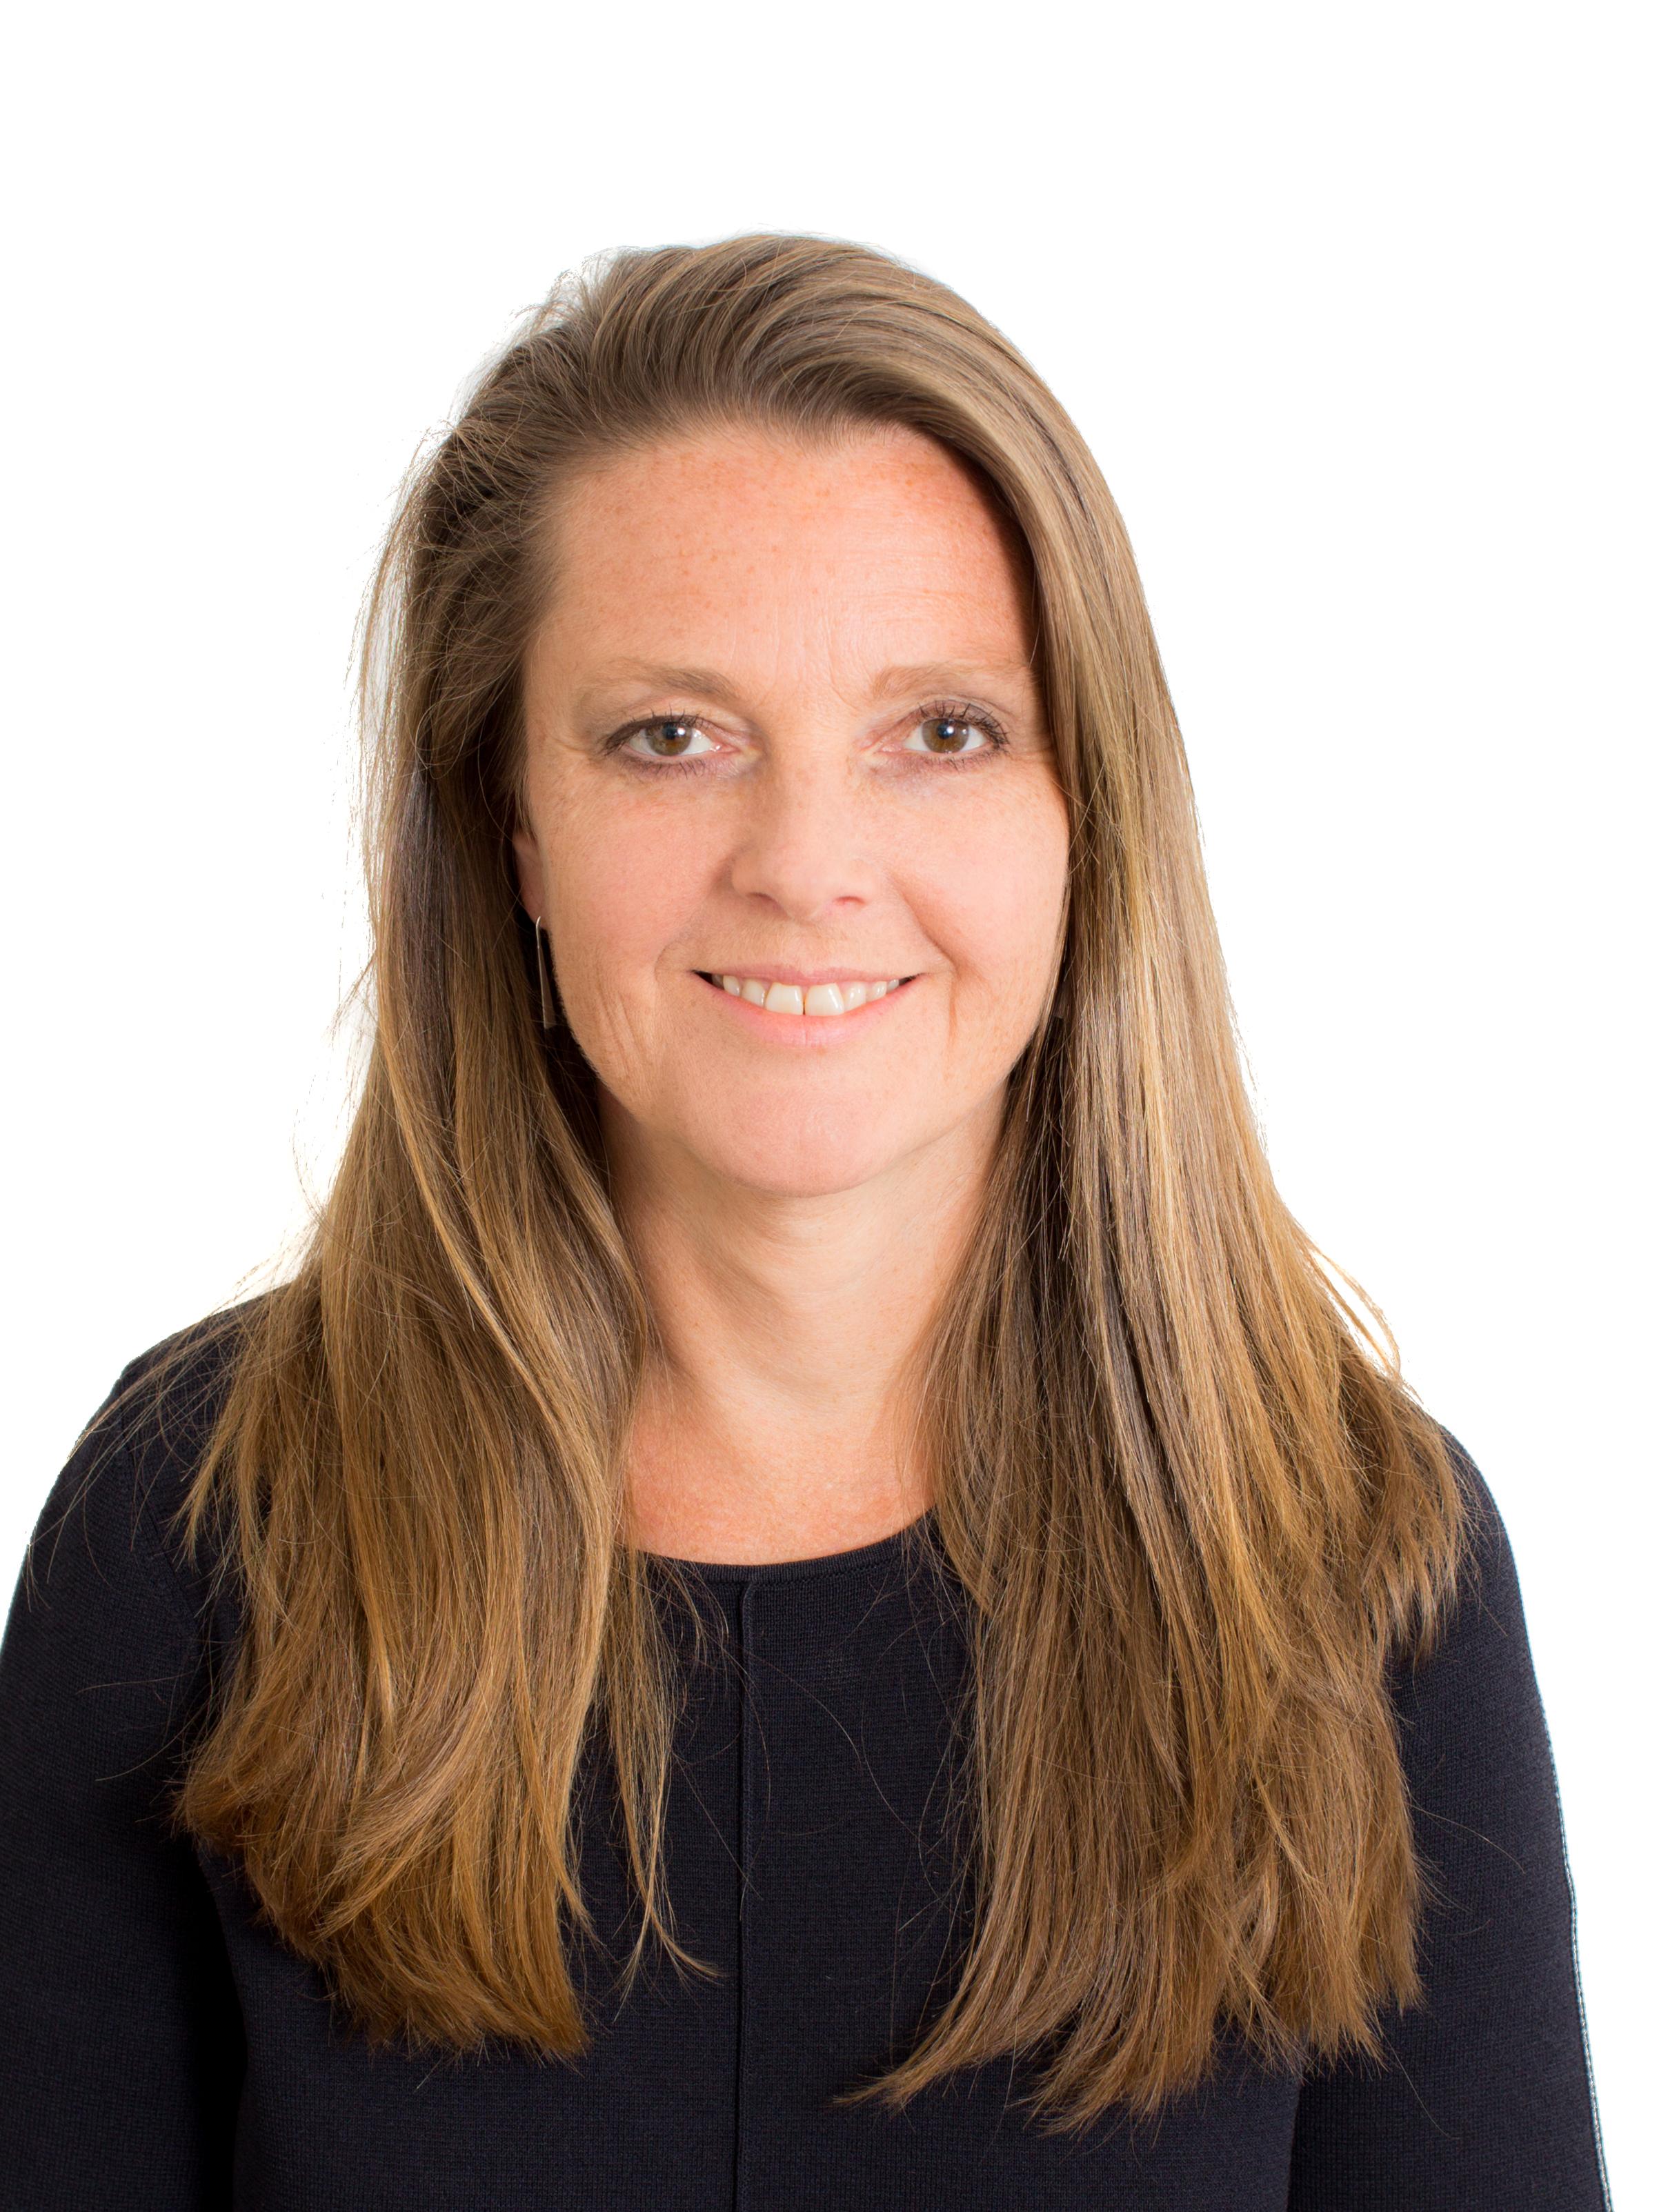 Gail Cartwright